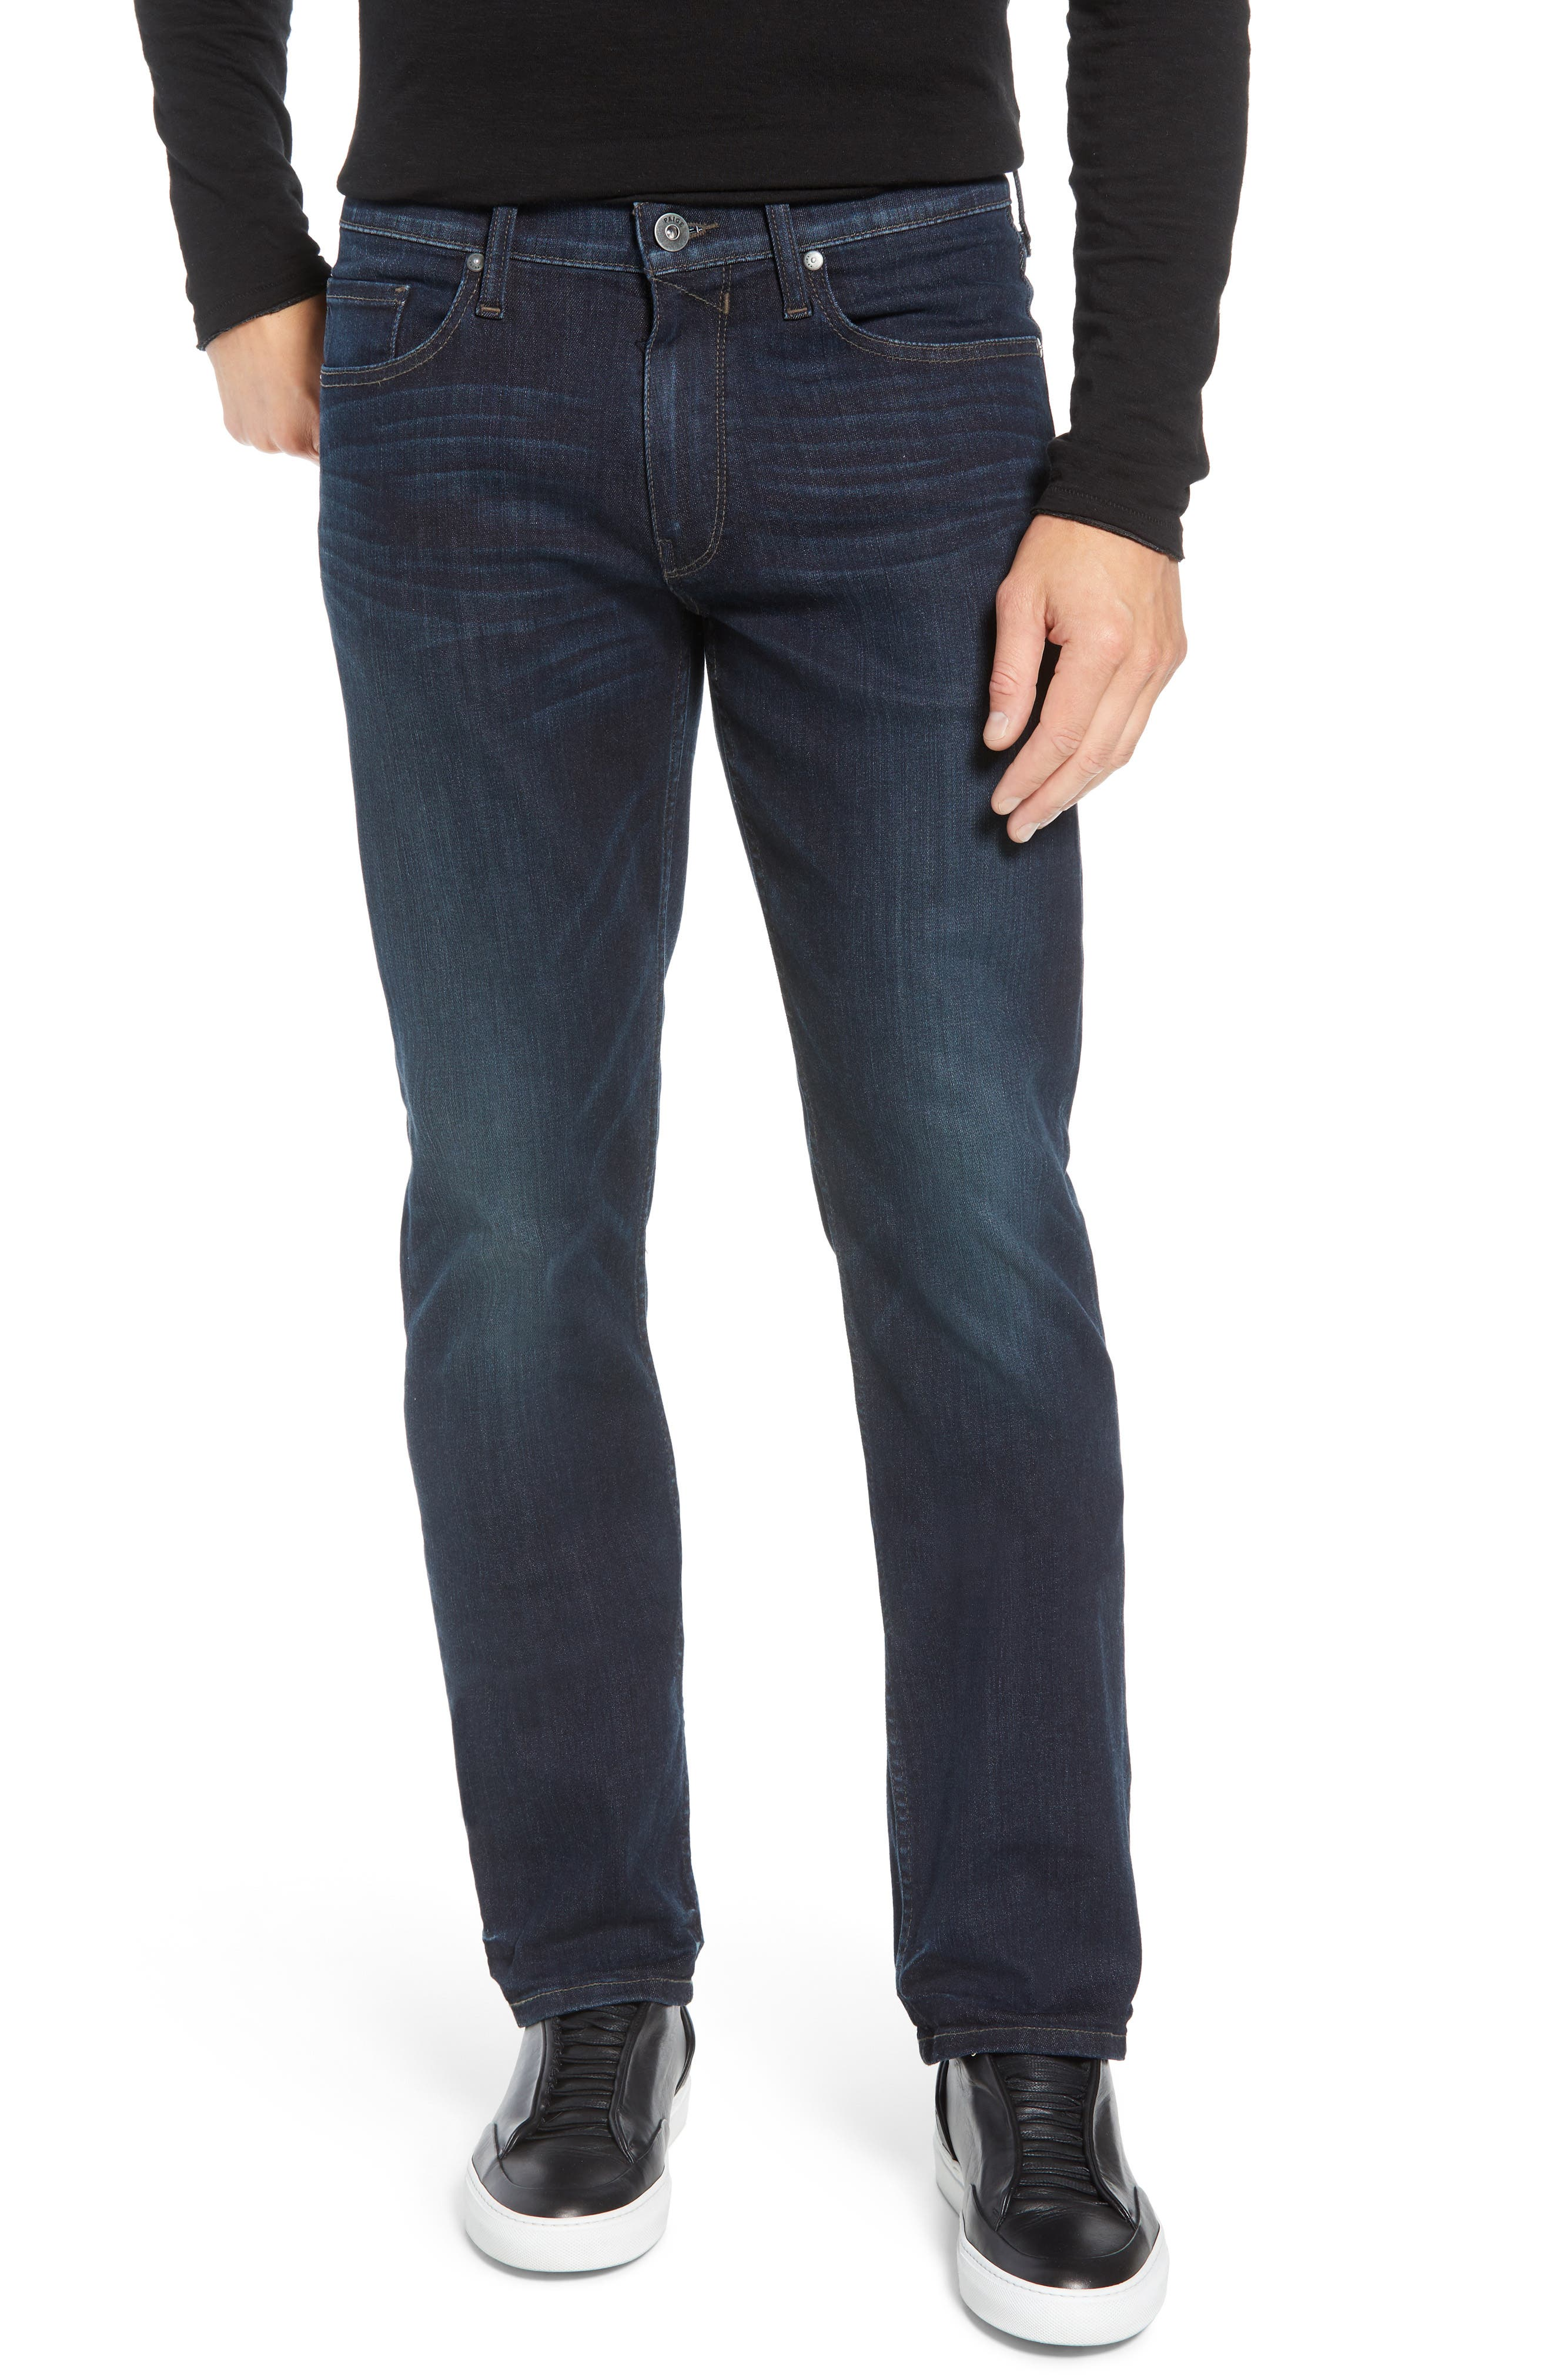 Transcend - Normandie Straight Leg Jeans,                         Main,                         color, KENAN